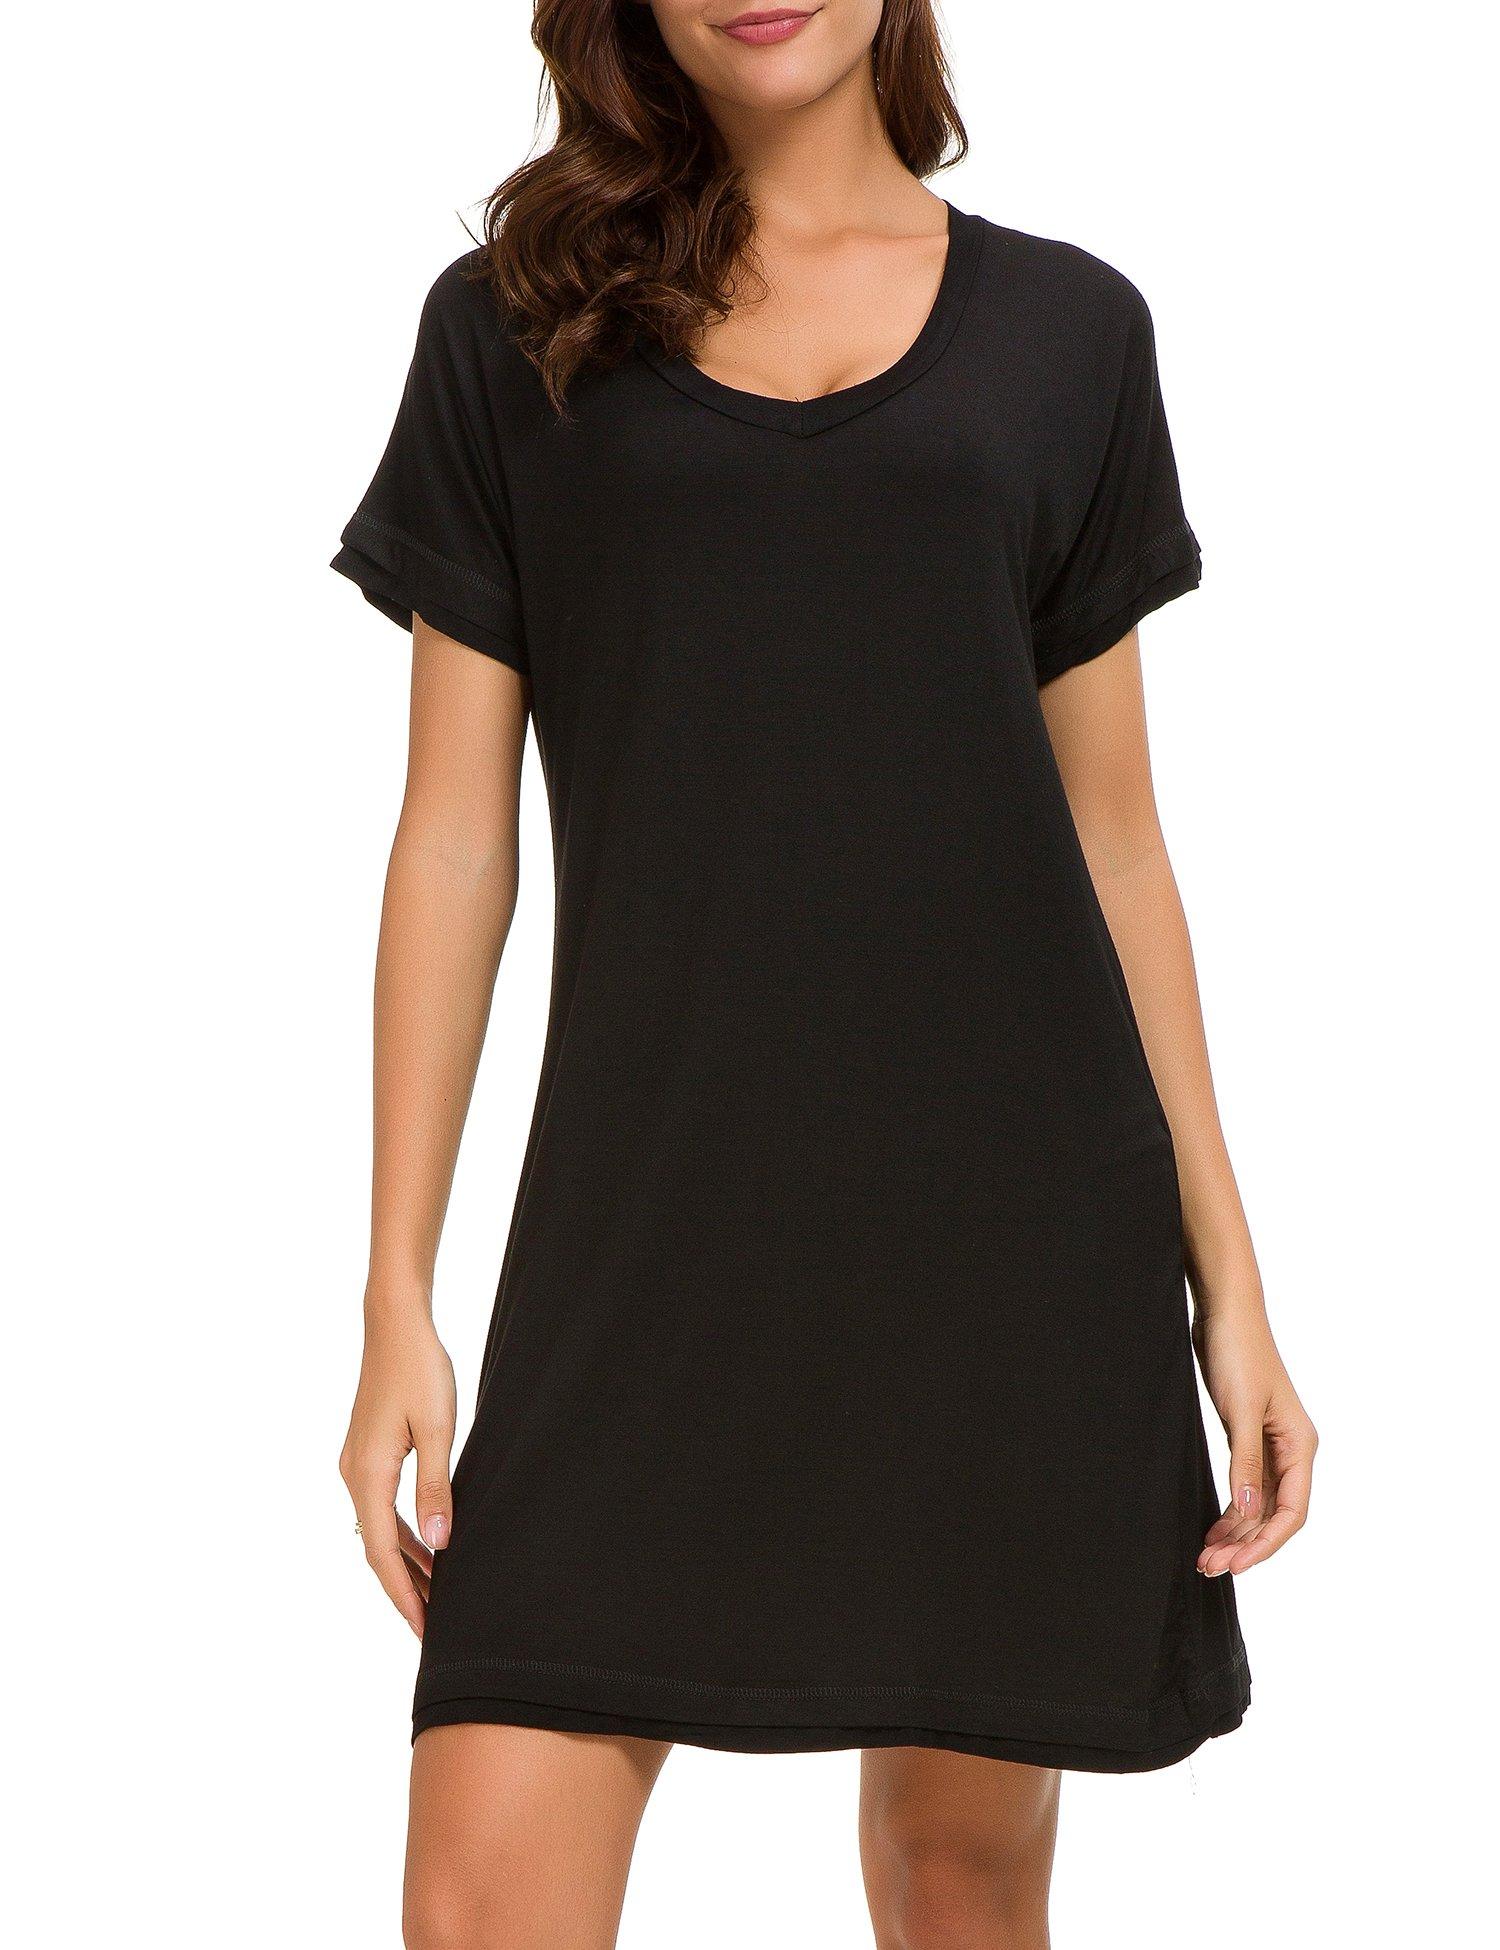 Dolay Women's Sleepwear Cotton Sleep Tee Short Sleeves Knit Sleepshirt (Black, XL)